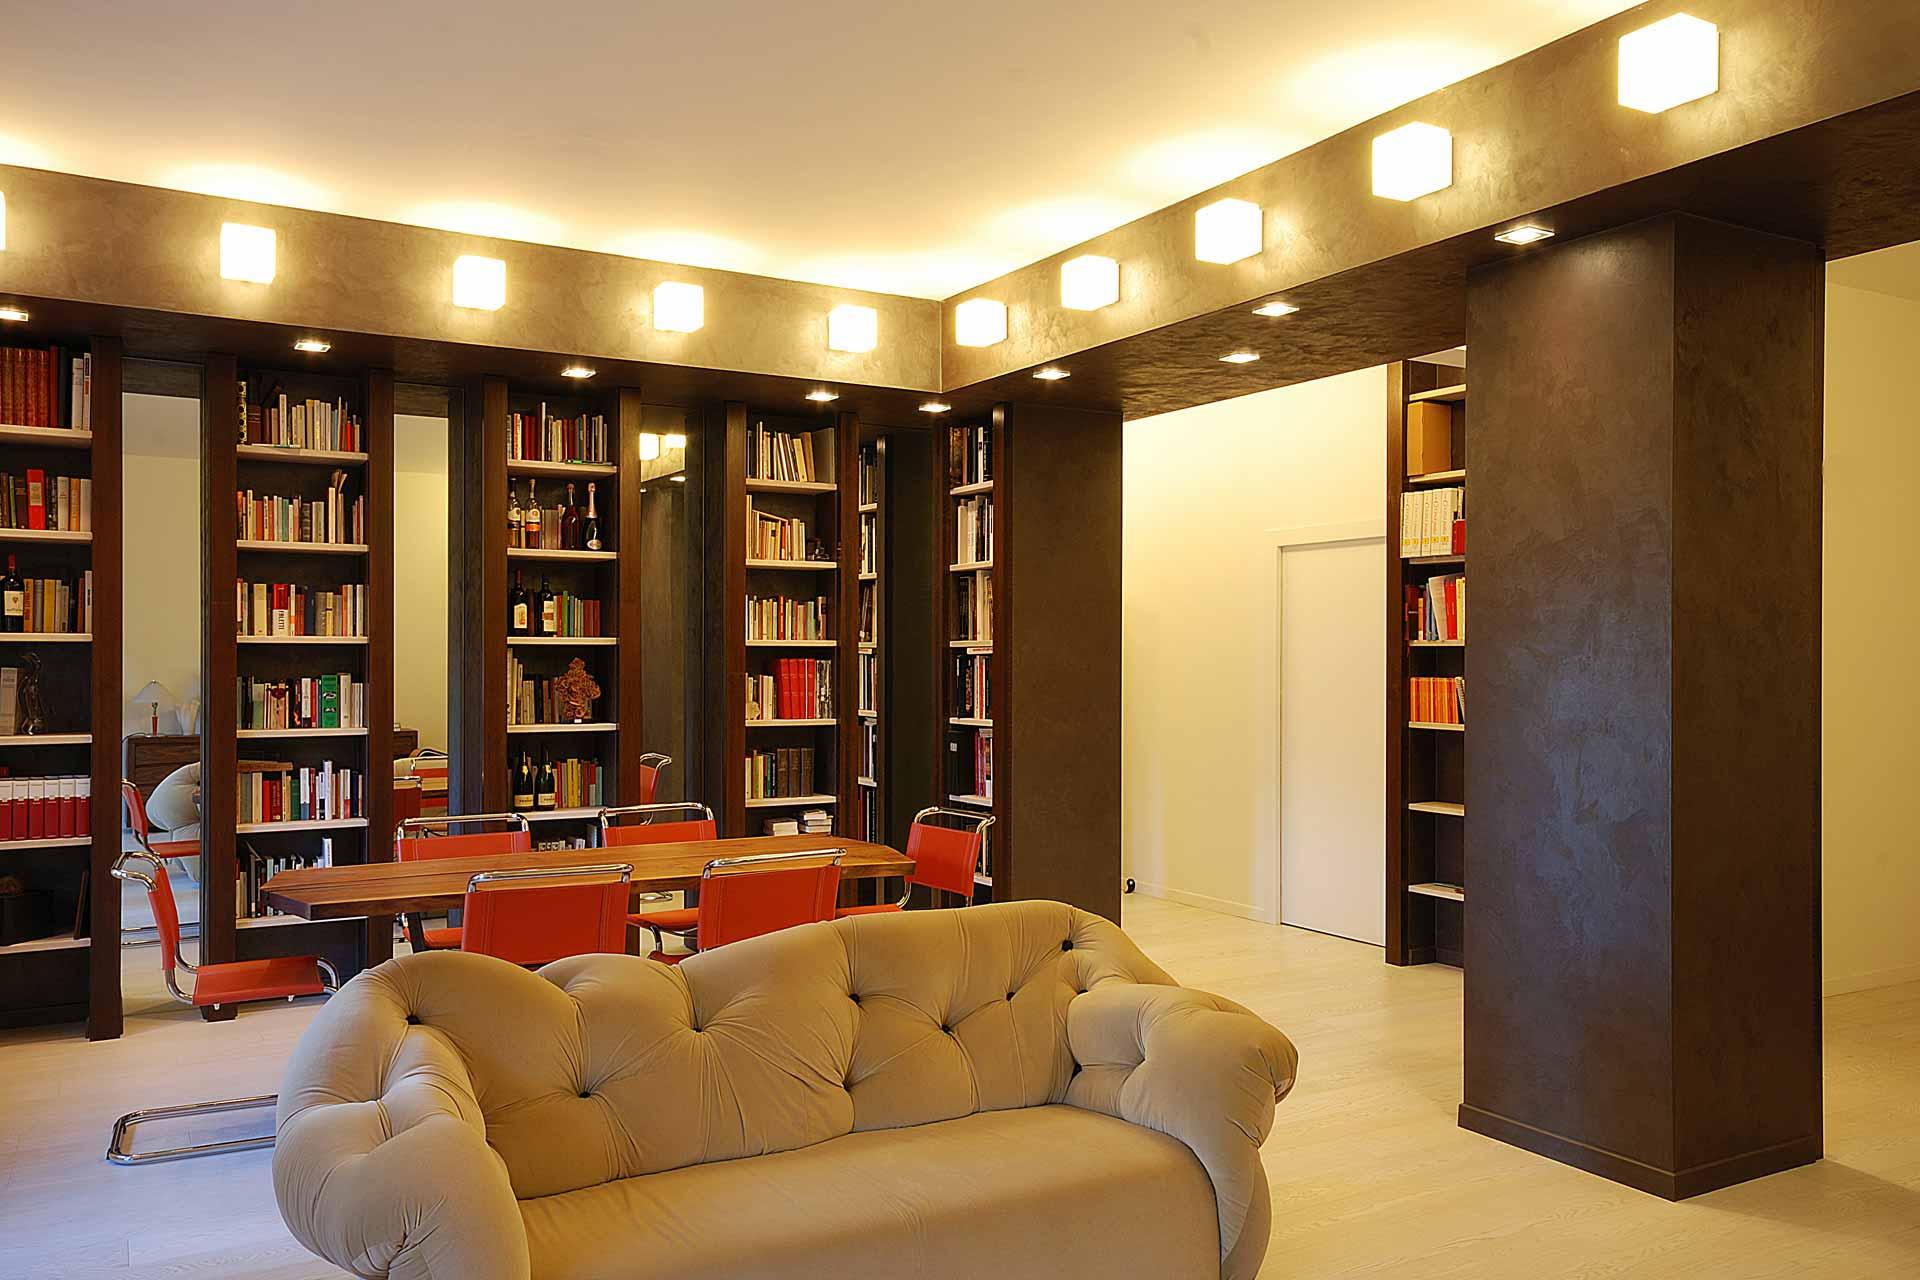 Una casa per una coppia di appassionati di interior design.